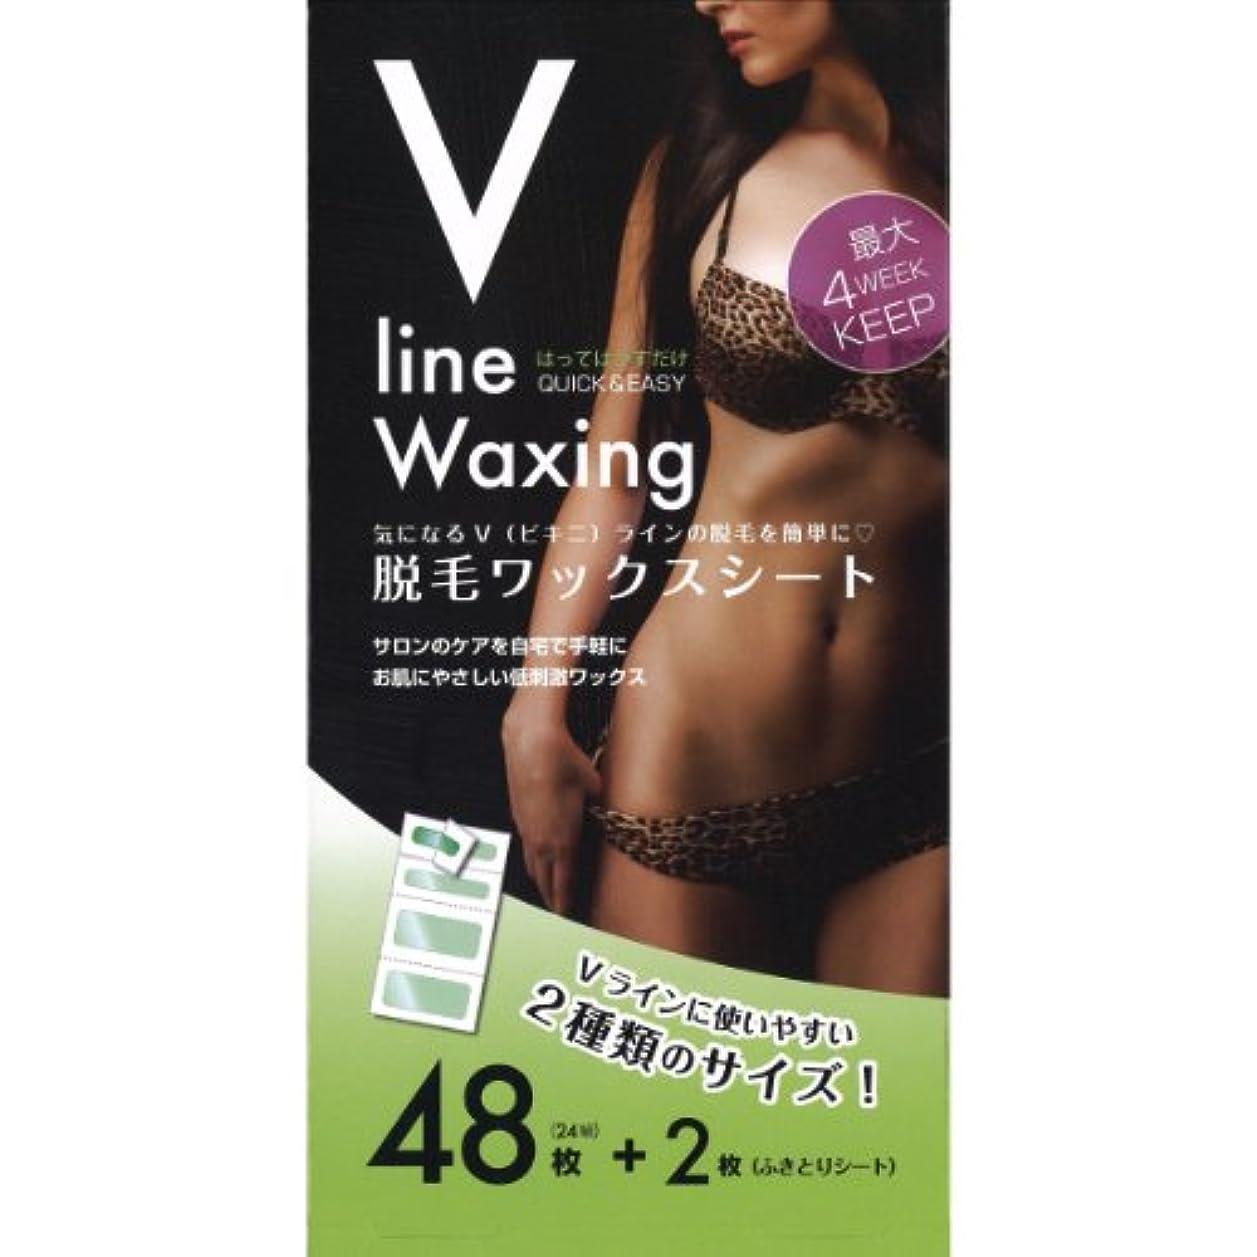 実現可能性カセット不毛気になるVラインの脱毛を簡単に Vライン Waxing